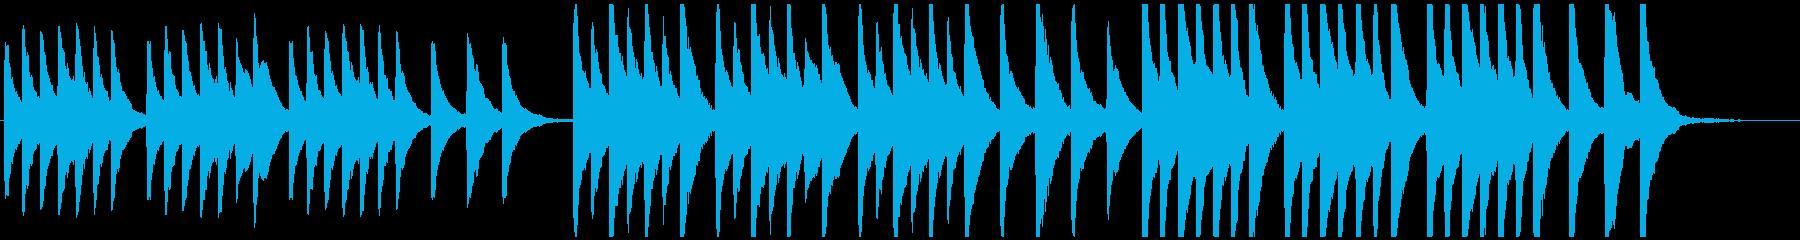 怪談話や妖怪・肝試しなど謎めいたホラー曲の再生済みの波形